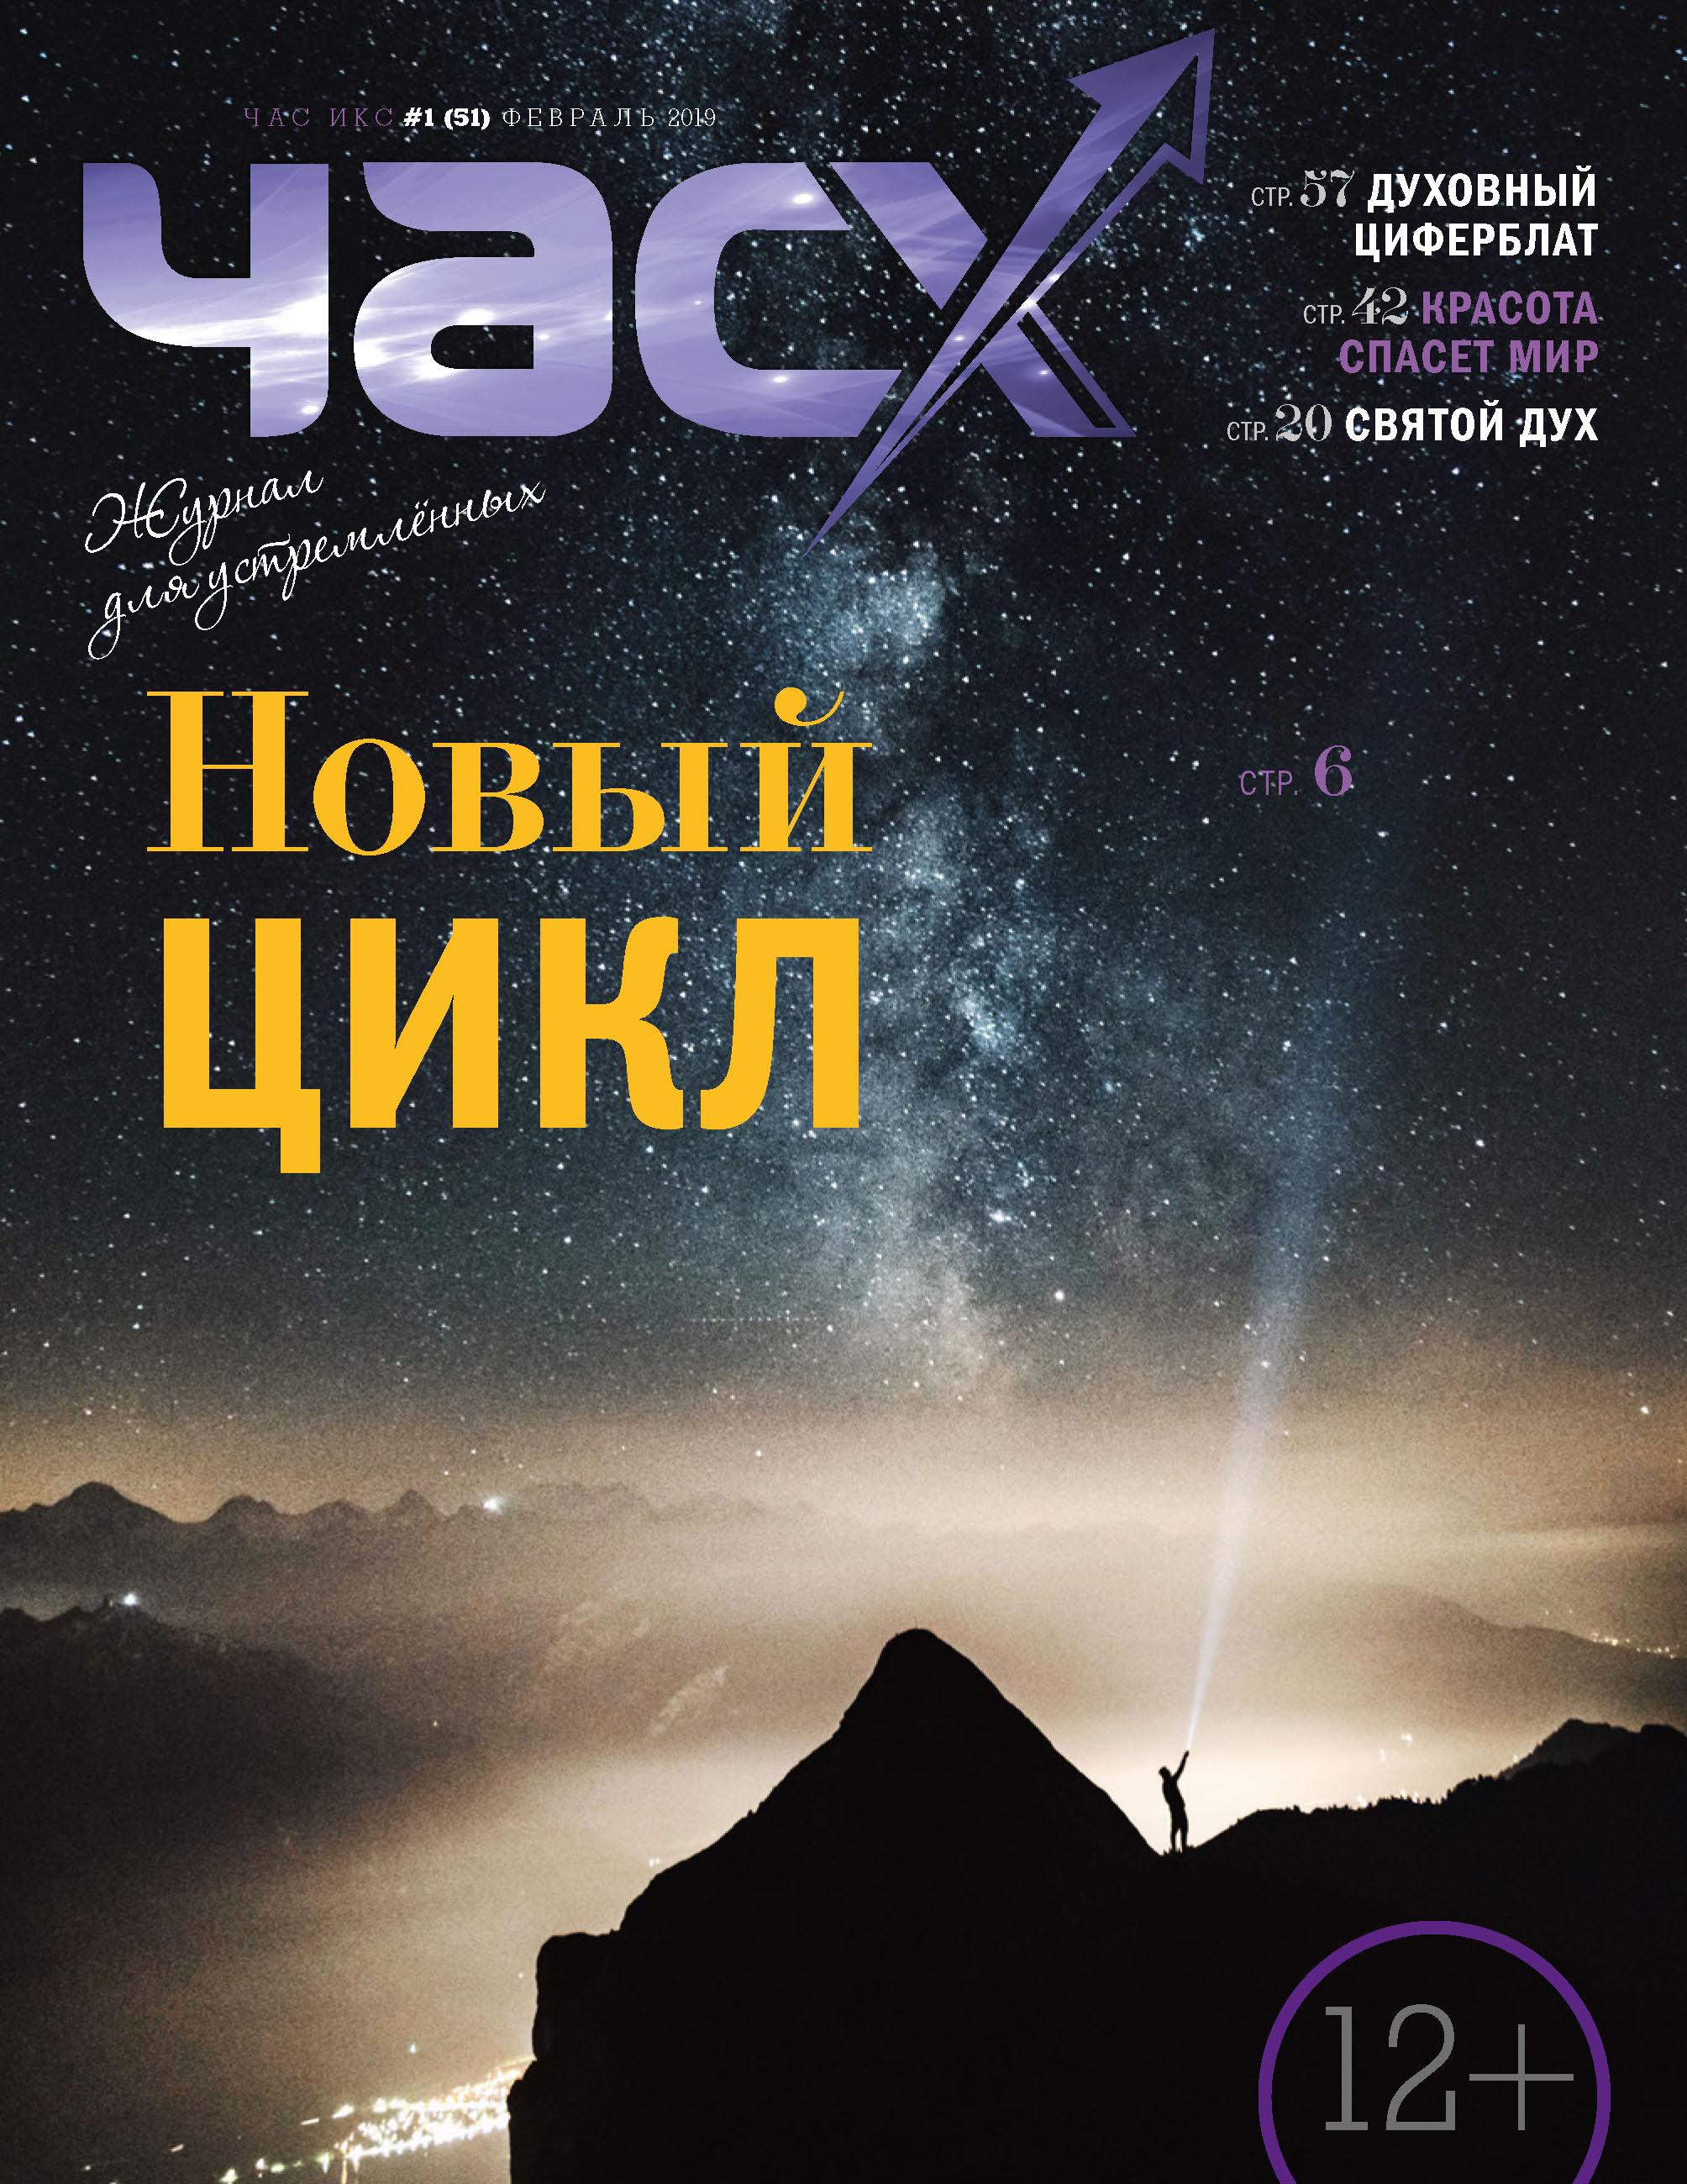 Отсутствует Час X. Журнал для устремленных. №1/2019 отсутствует журнал лиза 20 2018